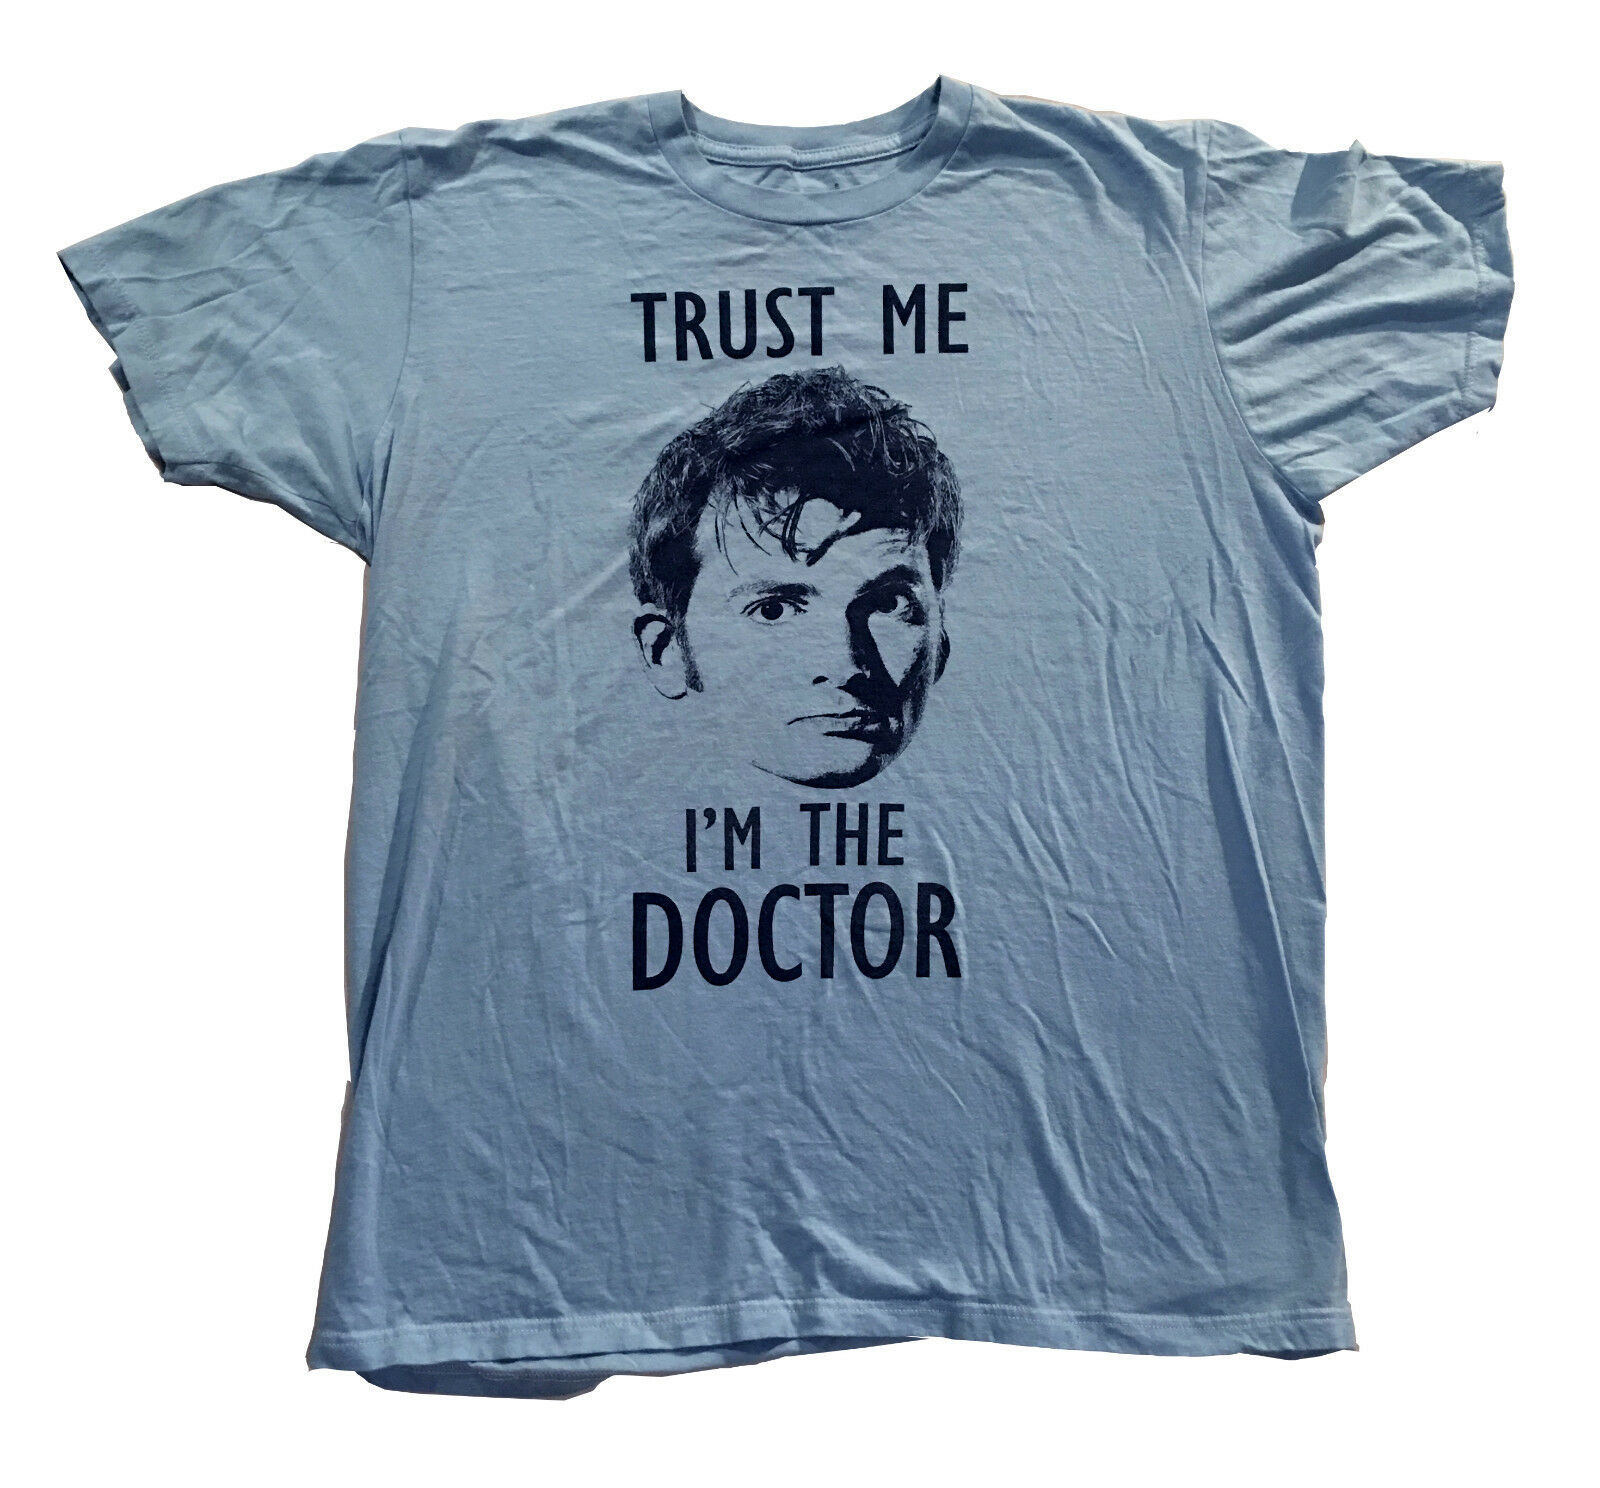 Dr. Who TRUST ME I'M A DOCTOR Mens T Shirt Light Blue 100% Cotton Sz. L